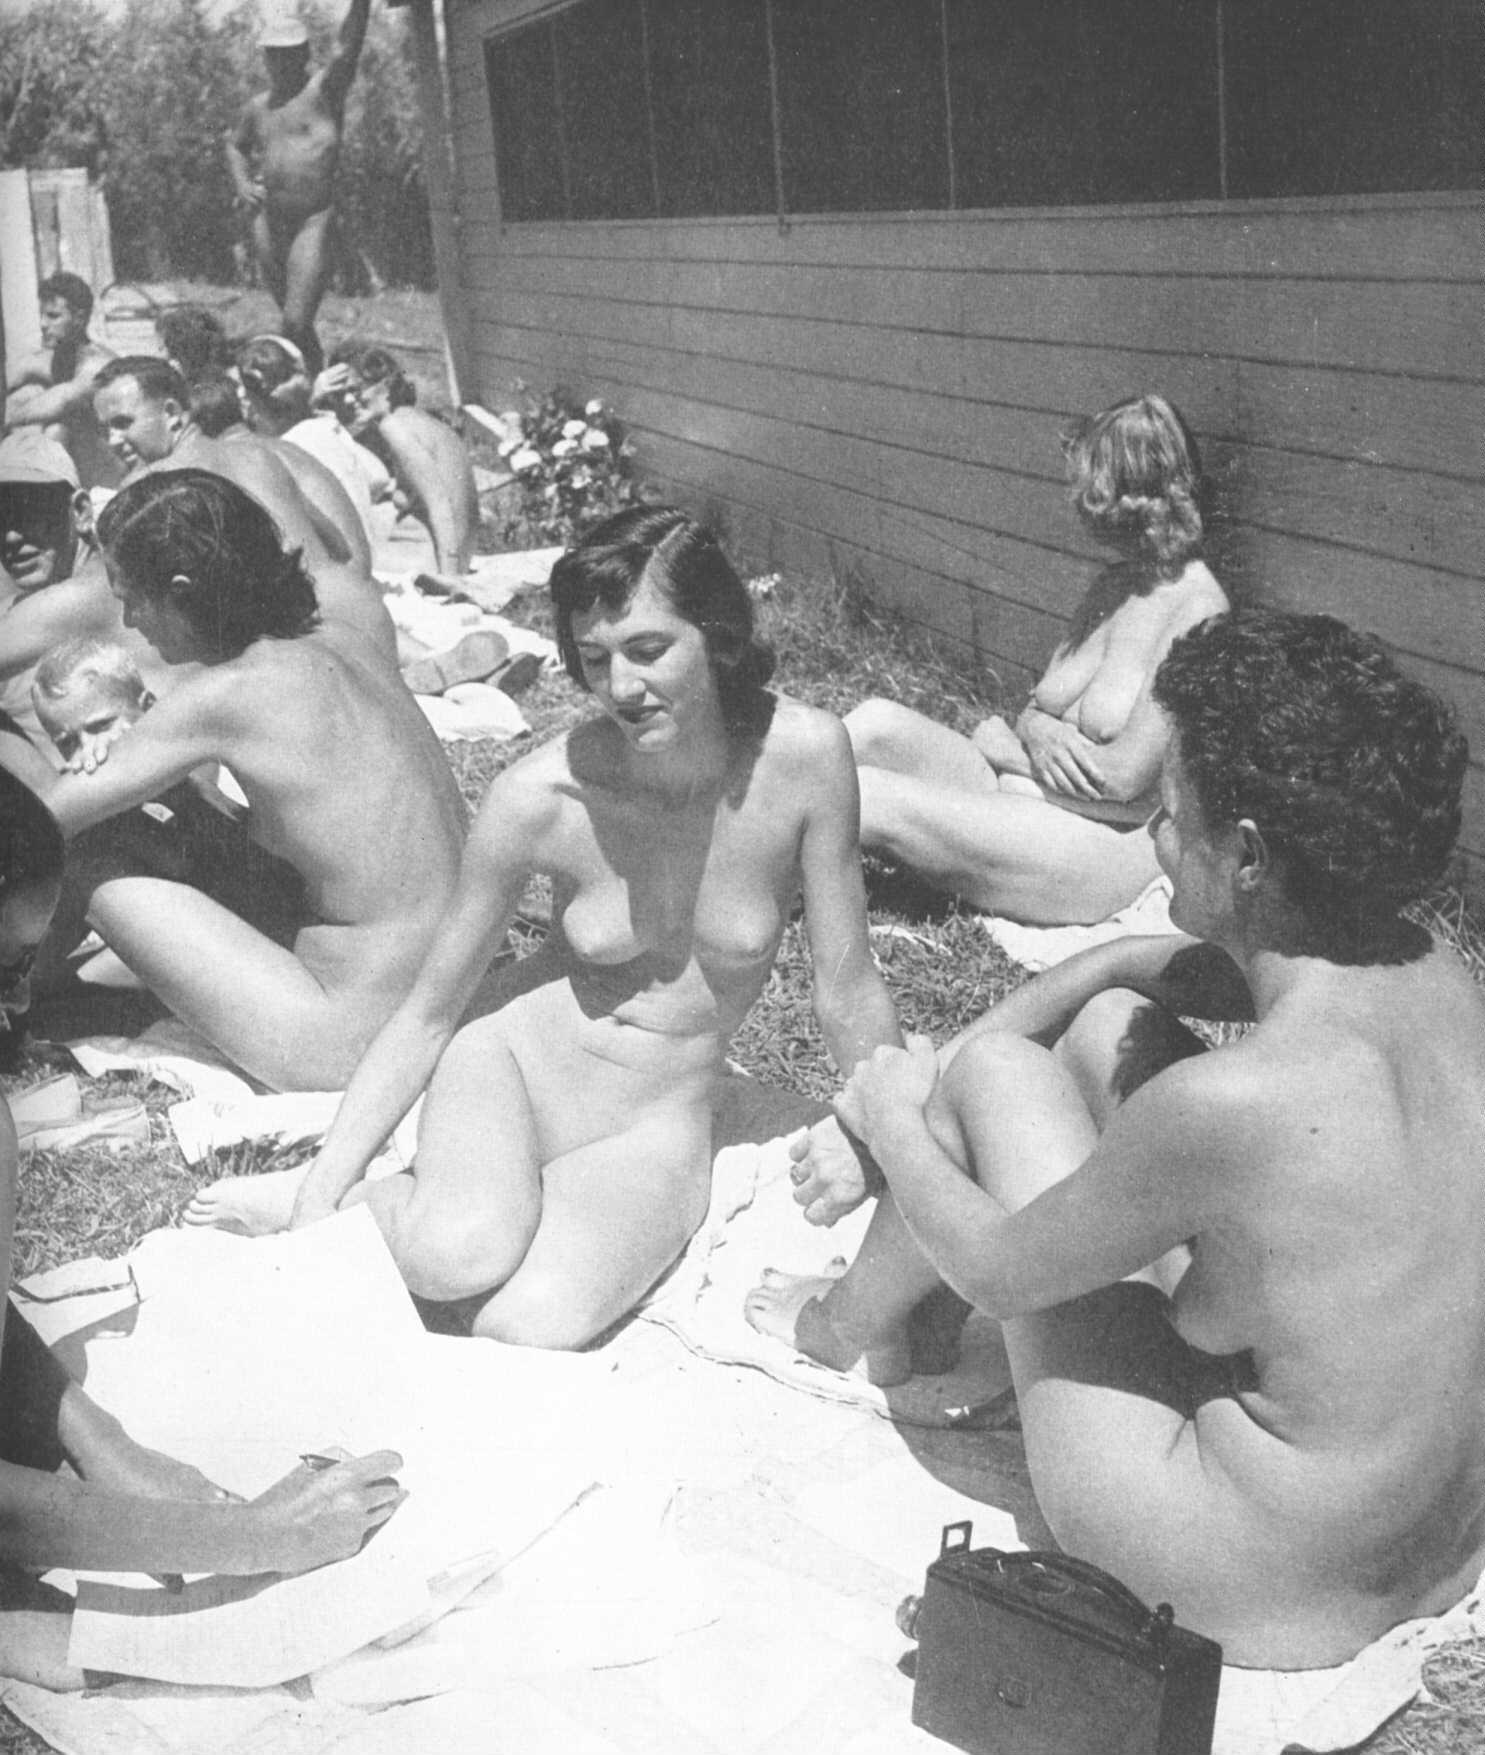 19 nudistfun.com  19 nudistfun.com 19 nudistfun.com 19 nudistfun.com ms27-21.